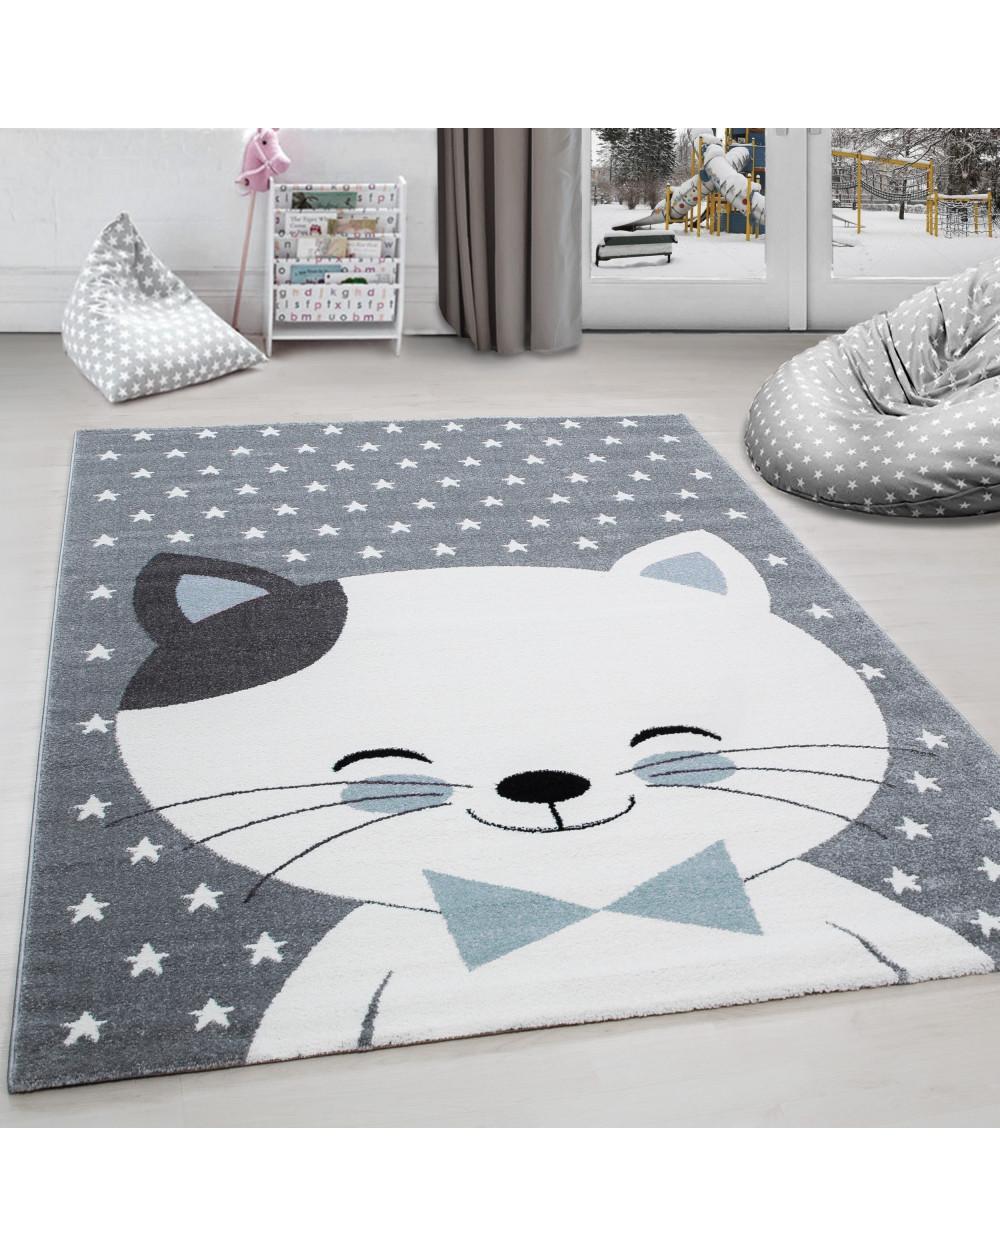 Kinderteppich Kinderzimmer Teppich Katze Sternmotiv Grau-Weiß-Blau Größe  80x150 cm